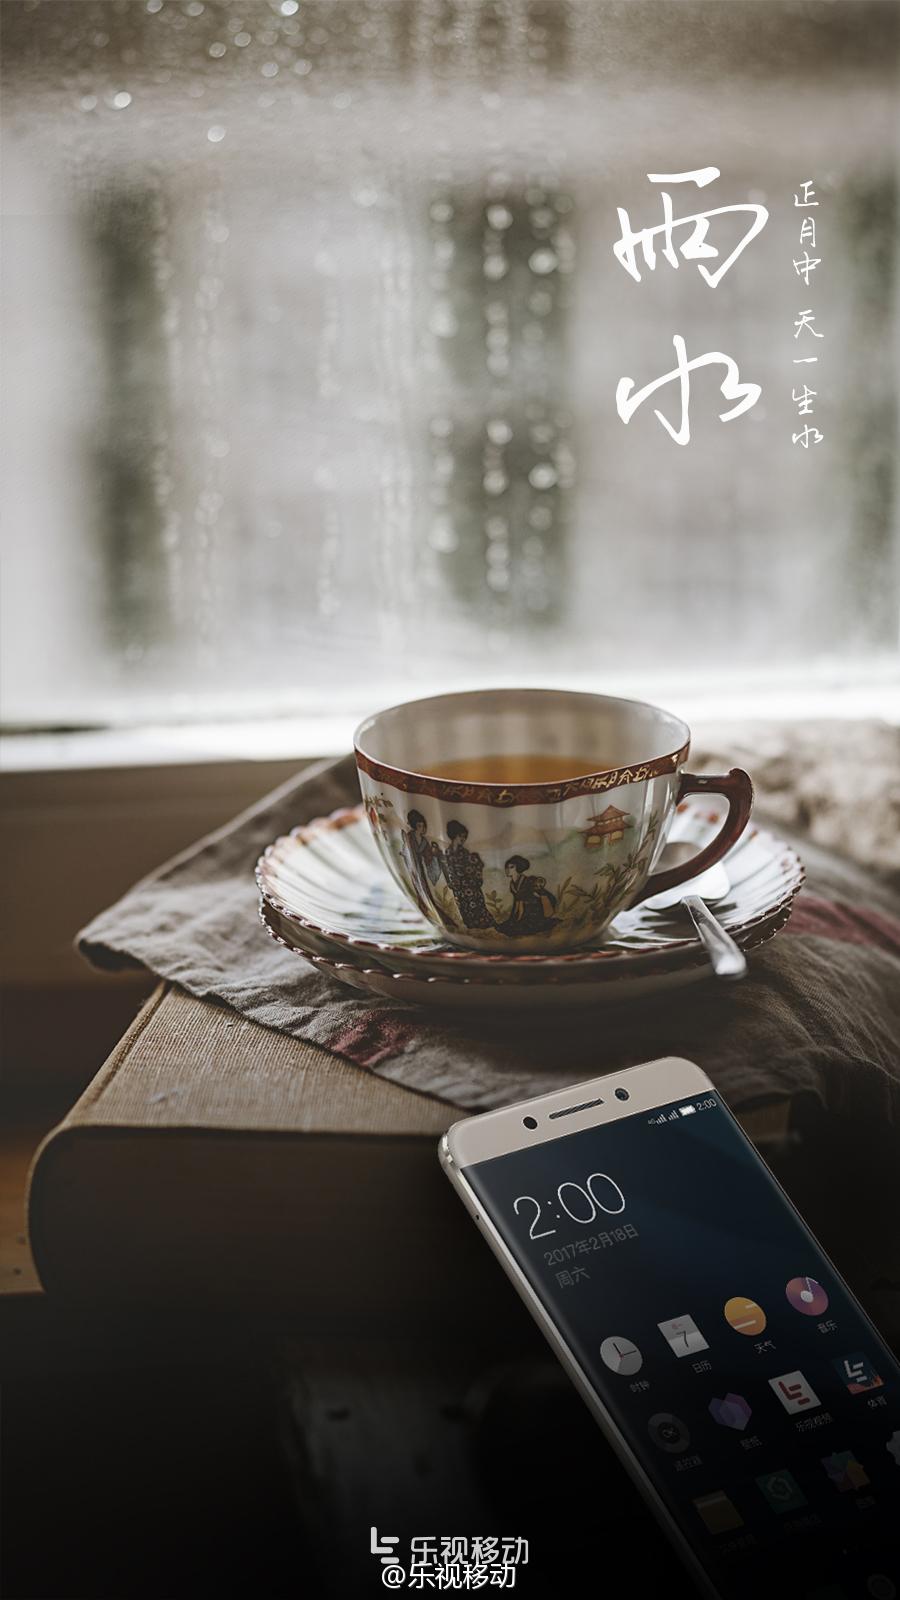 #雨水#独坐窗前,沏一杯清茶,看潇潇雨下、春润大地